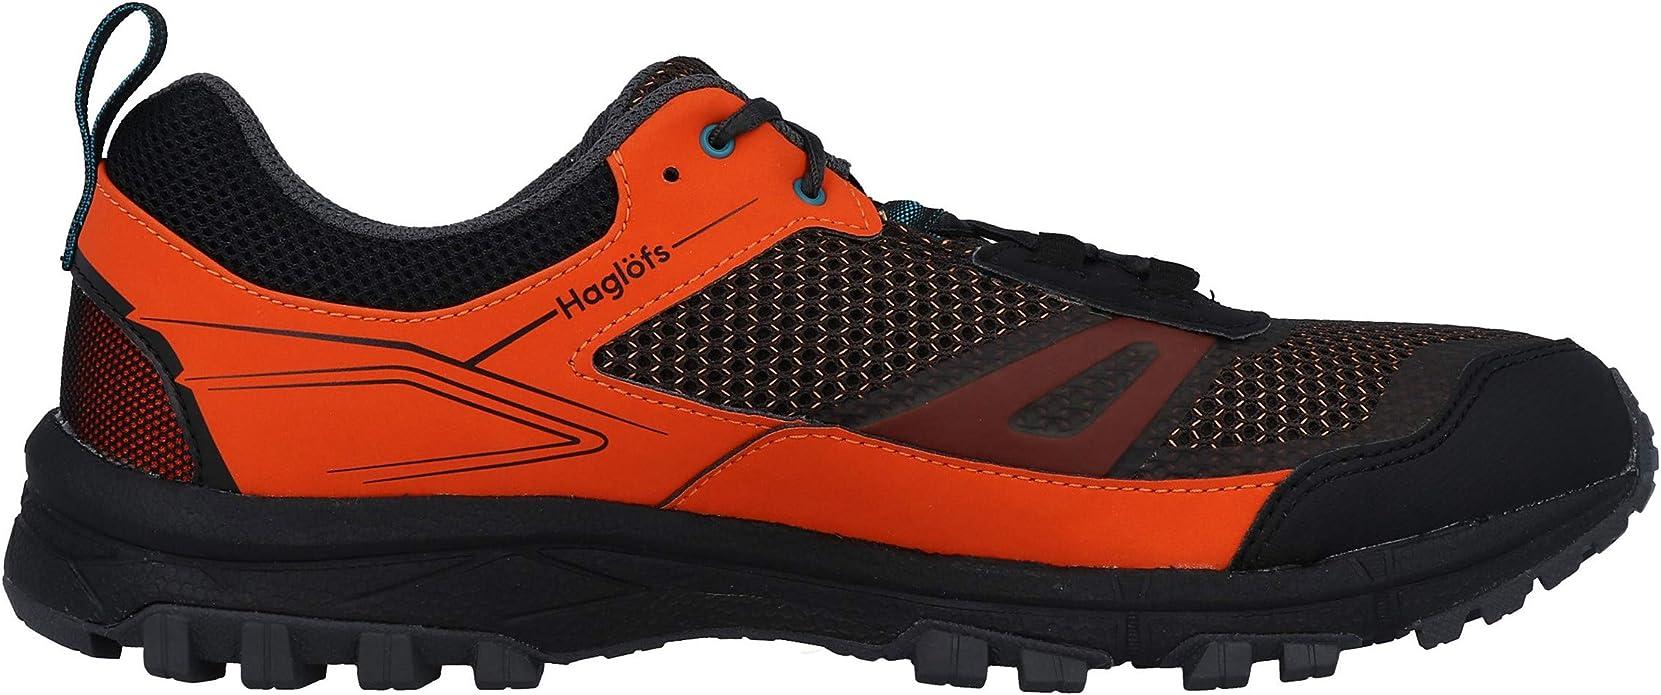 Haglöfs 497960, Zapatillas de Cross para Hombre: Amazon.es: Zapatos y complementos